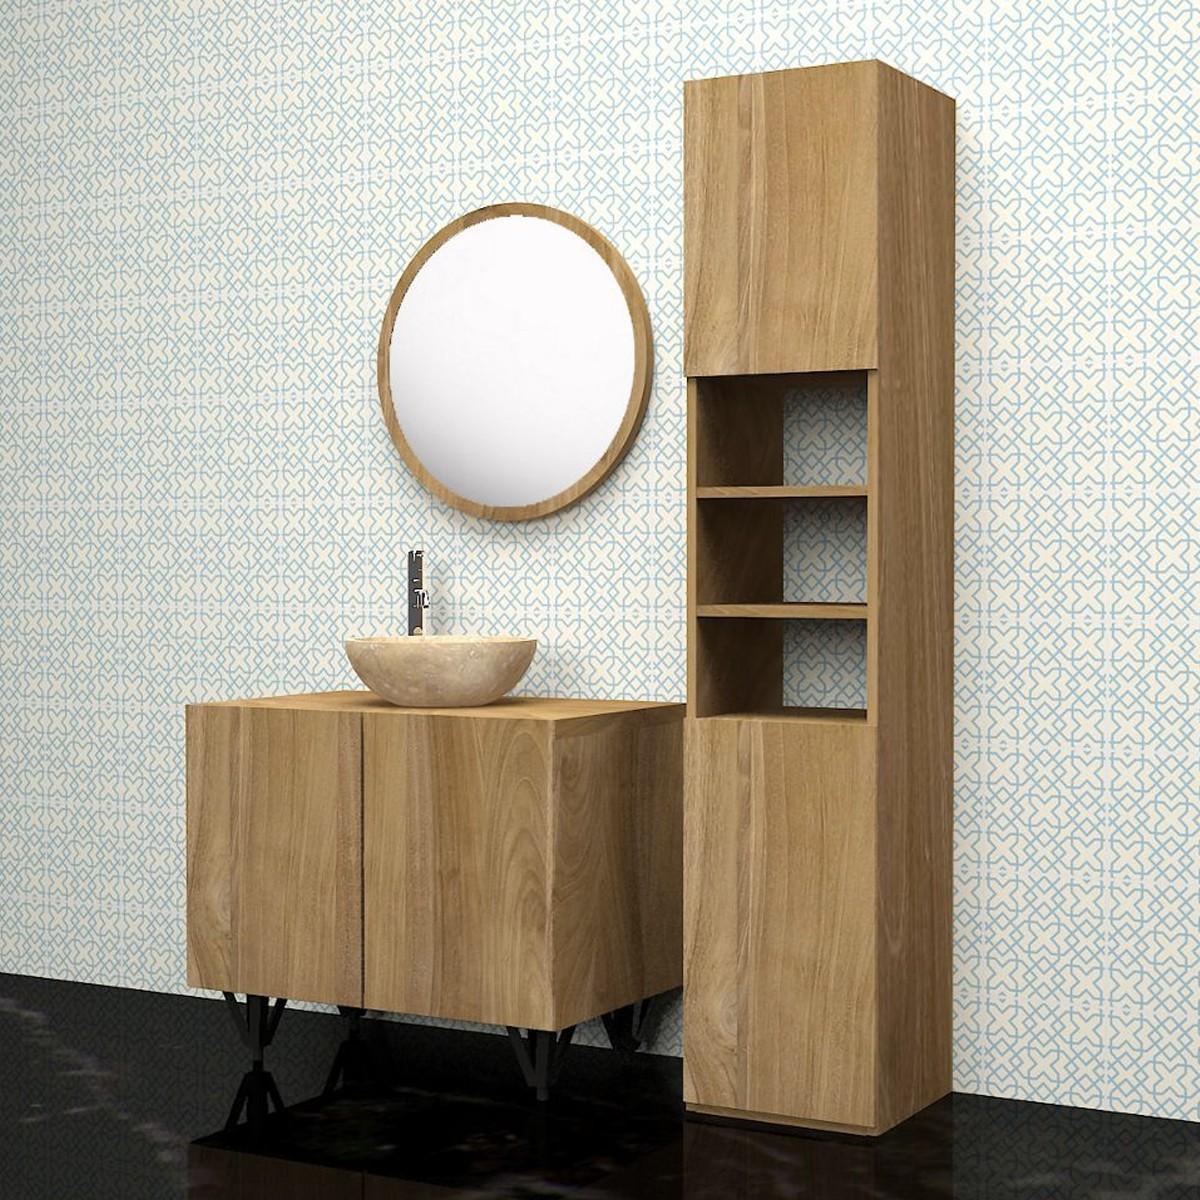 ensemble de salle de bain en bois de teck 80 meuble colonne vasque miroir Résultat Supérieur 14 Beau Ensemble Meuble Salle De Bain Bois Galerie 2017 Kse4